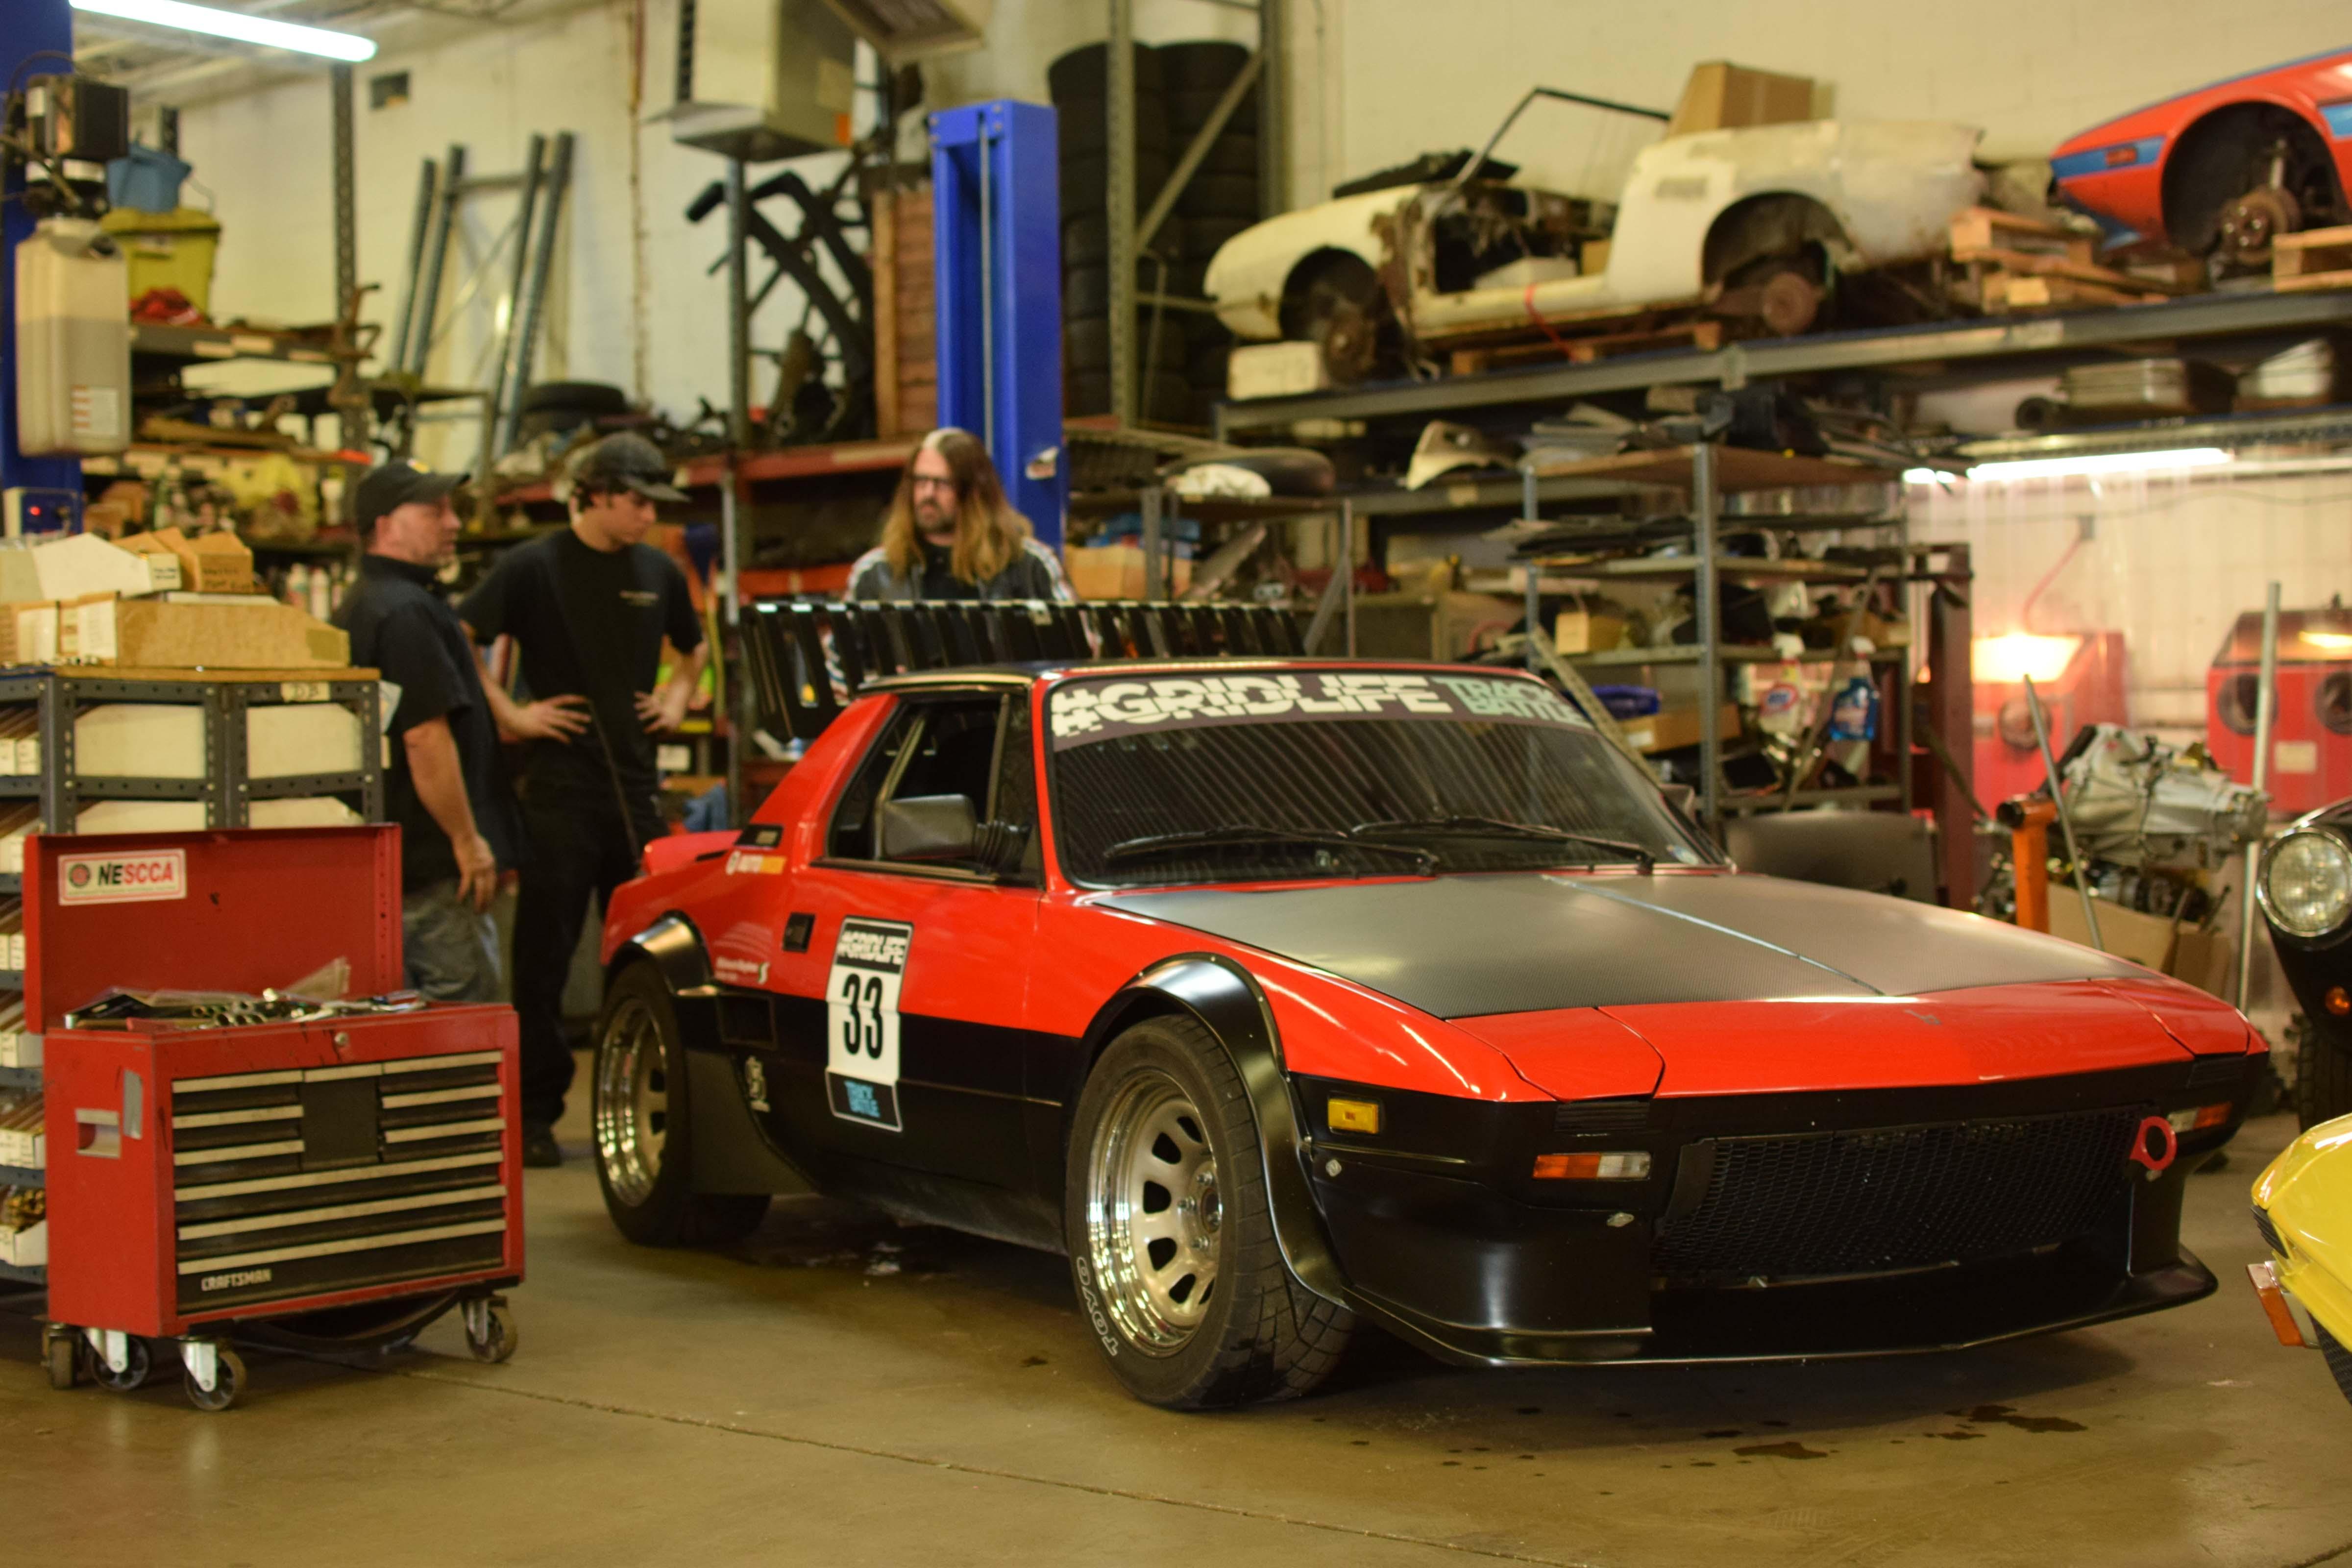 fiat x19 race car at shop